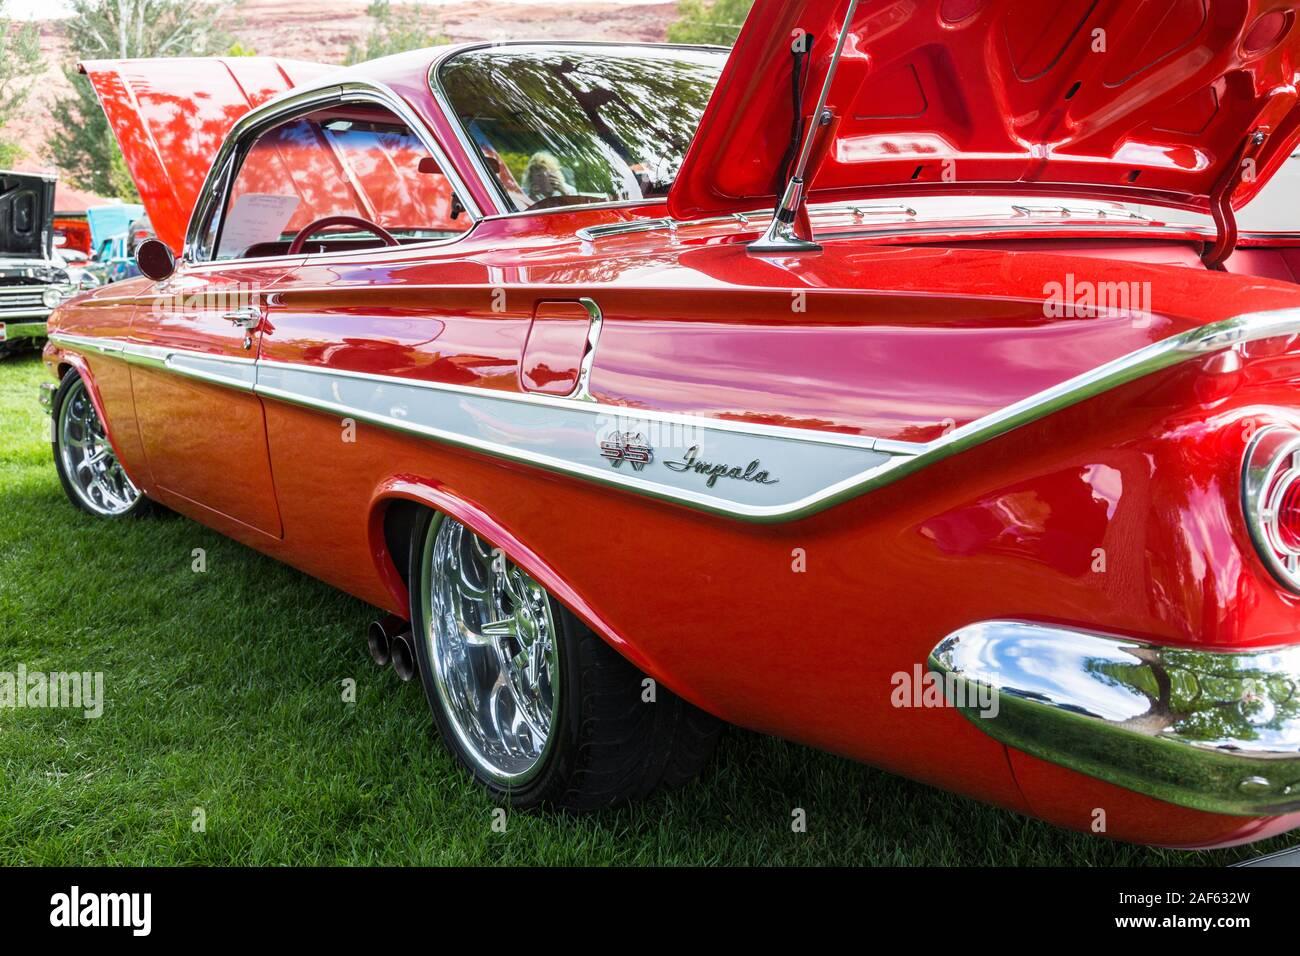 Ein Restauriertes Und Modifizierte 1961 Chevrolet Impala Ss Super Sport Mit Einem Modifizierten 502 Kriminalpolizei Motor In Der Moabiter April Aktion Auto Show In Moab Utah Stockfotografie Alamy